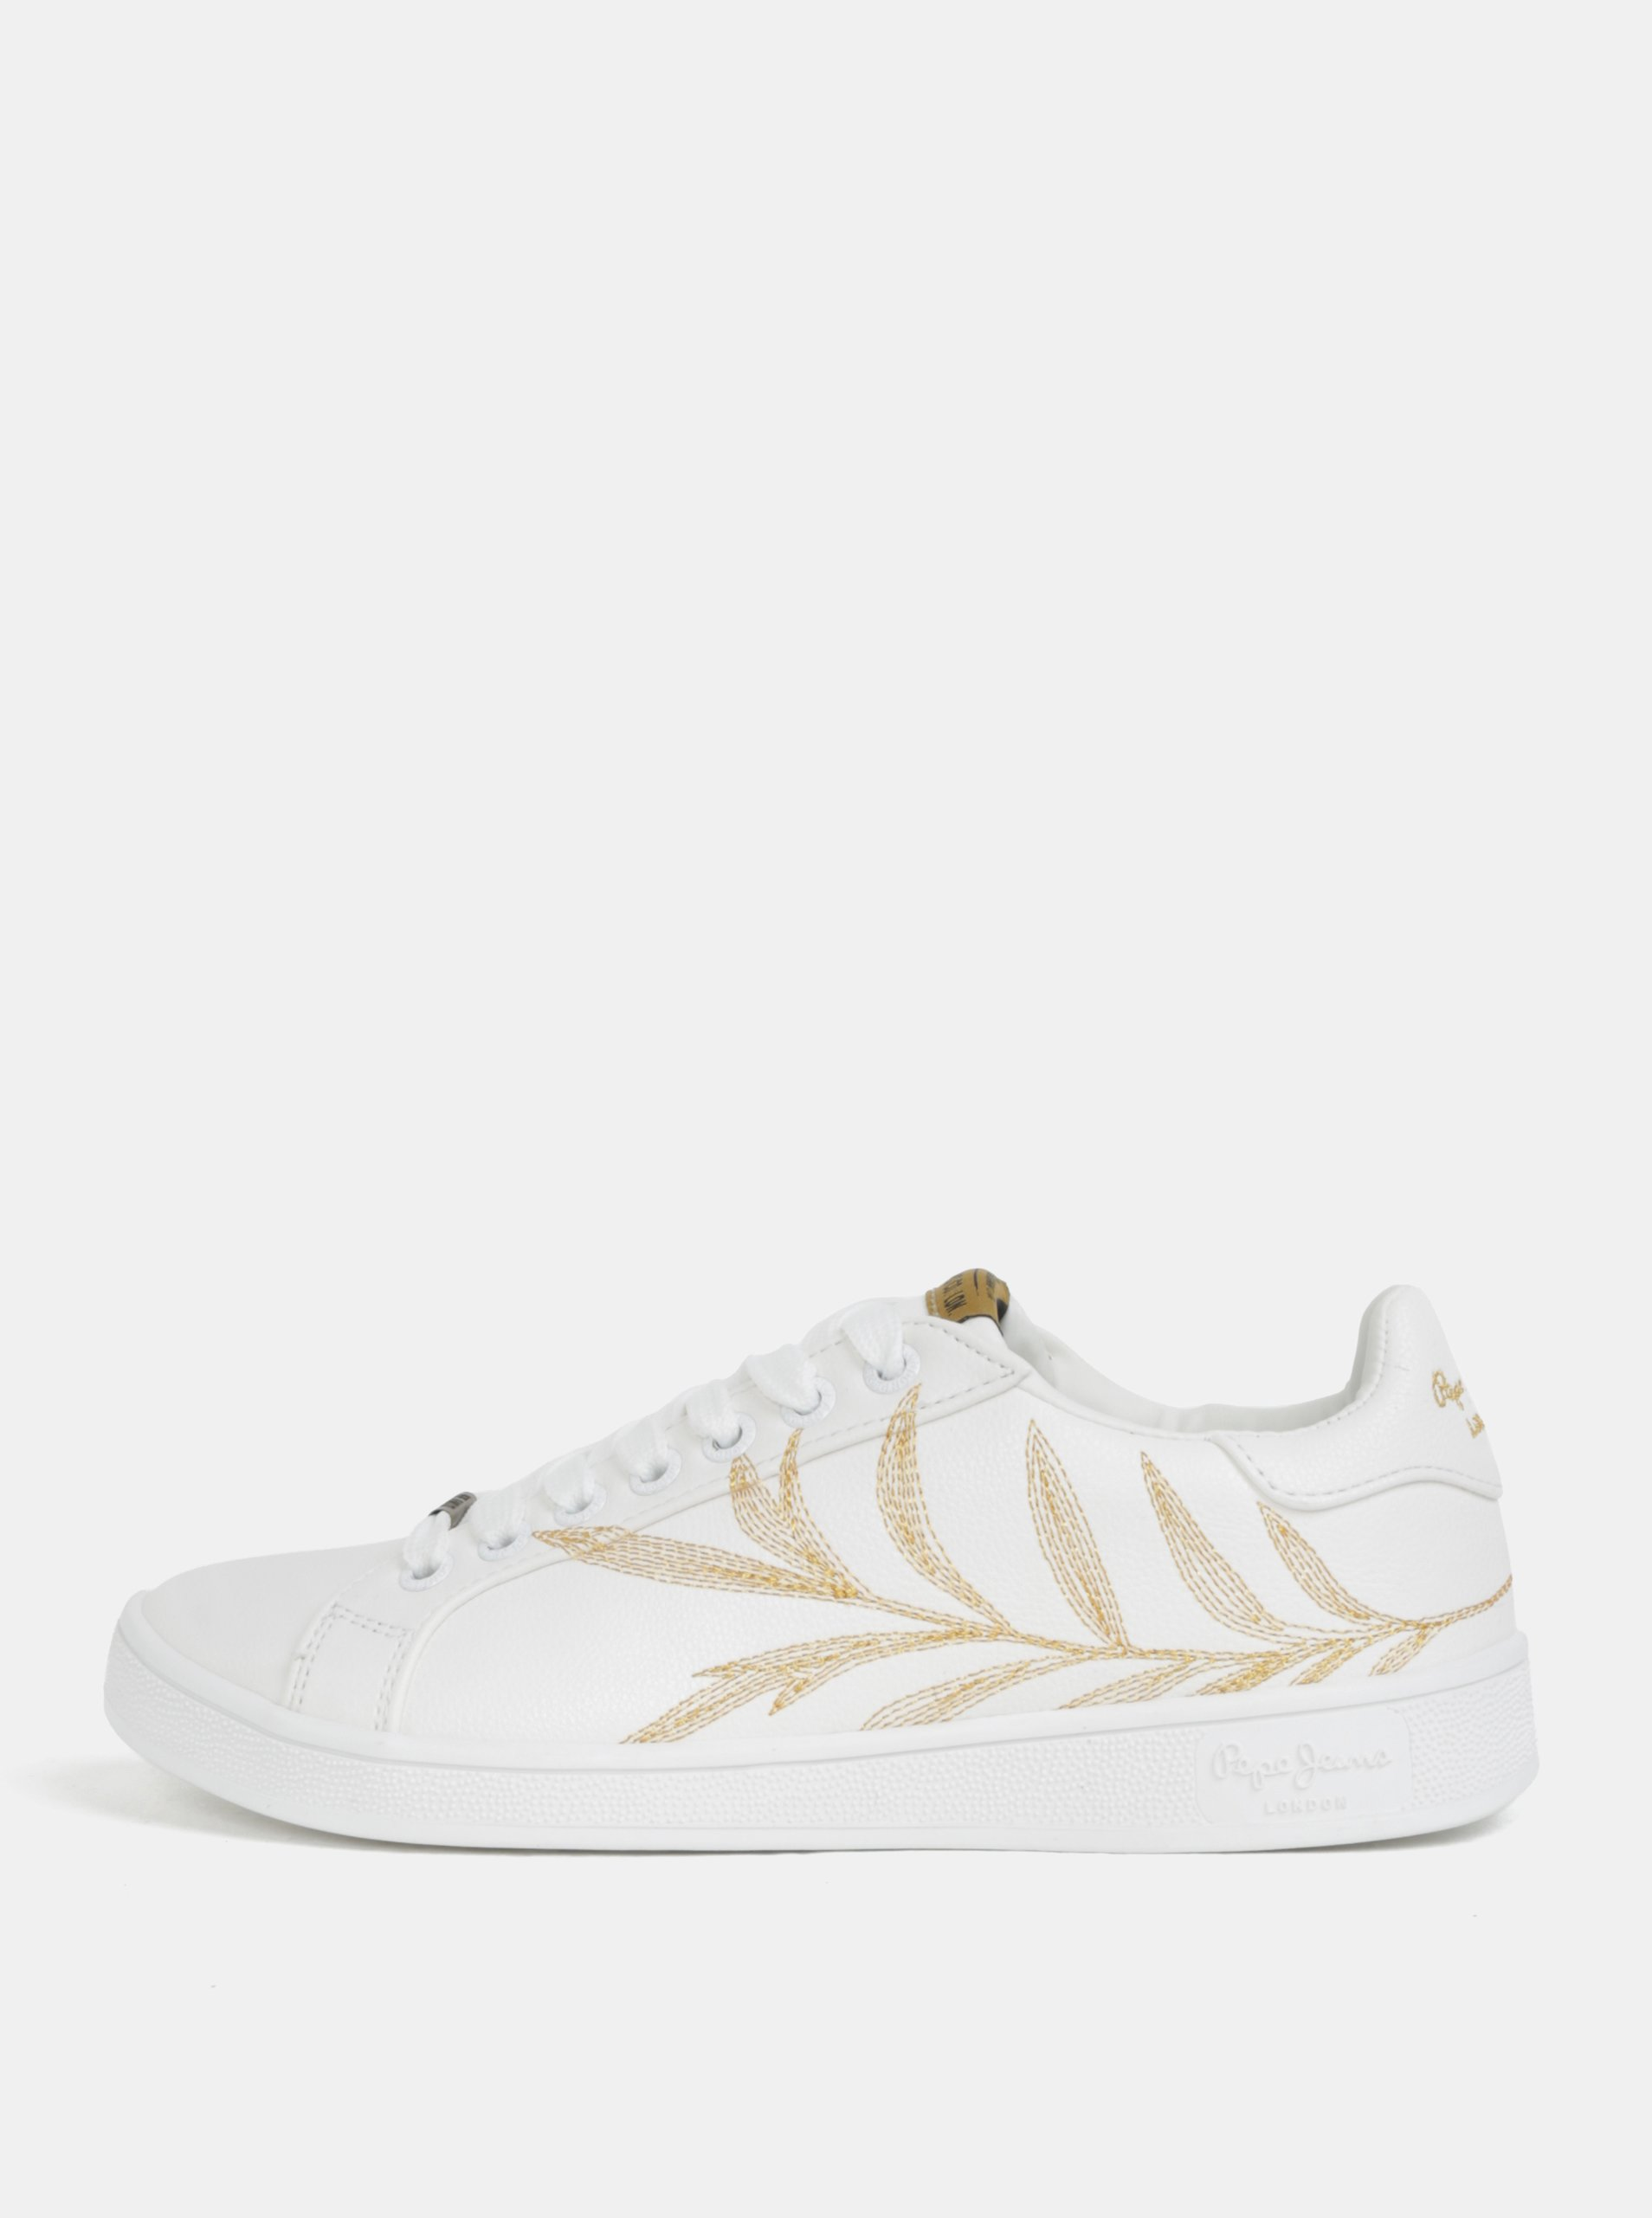 Biele dámske tenisky s výšivkou Pepe Jeans Broompton Embroidery b5360d254c0